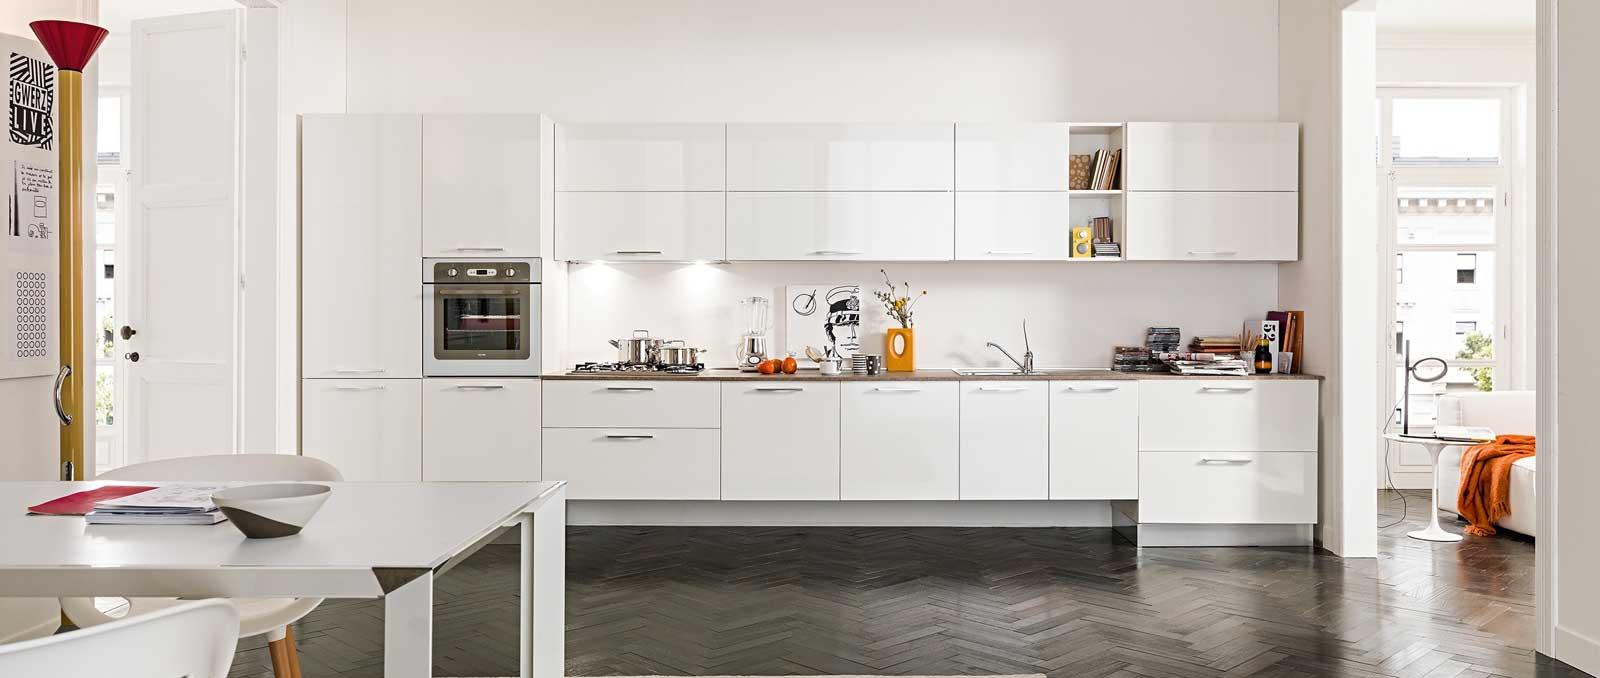 Liberté de conception totale, cuisine puriste, éléments suspendus ou posés au sol, cette cuisine propose une solution pour chaque cadre de vie de manière fonctionnelle et esthétique.